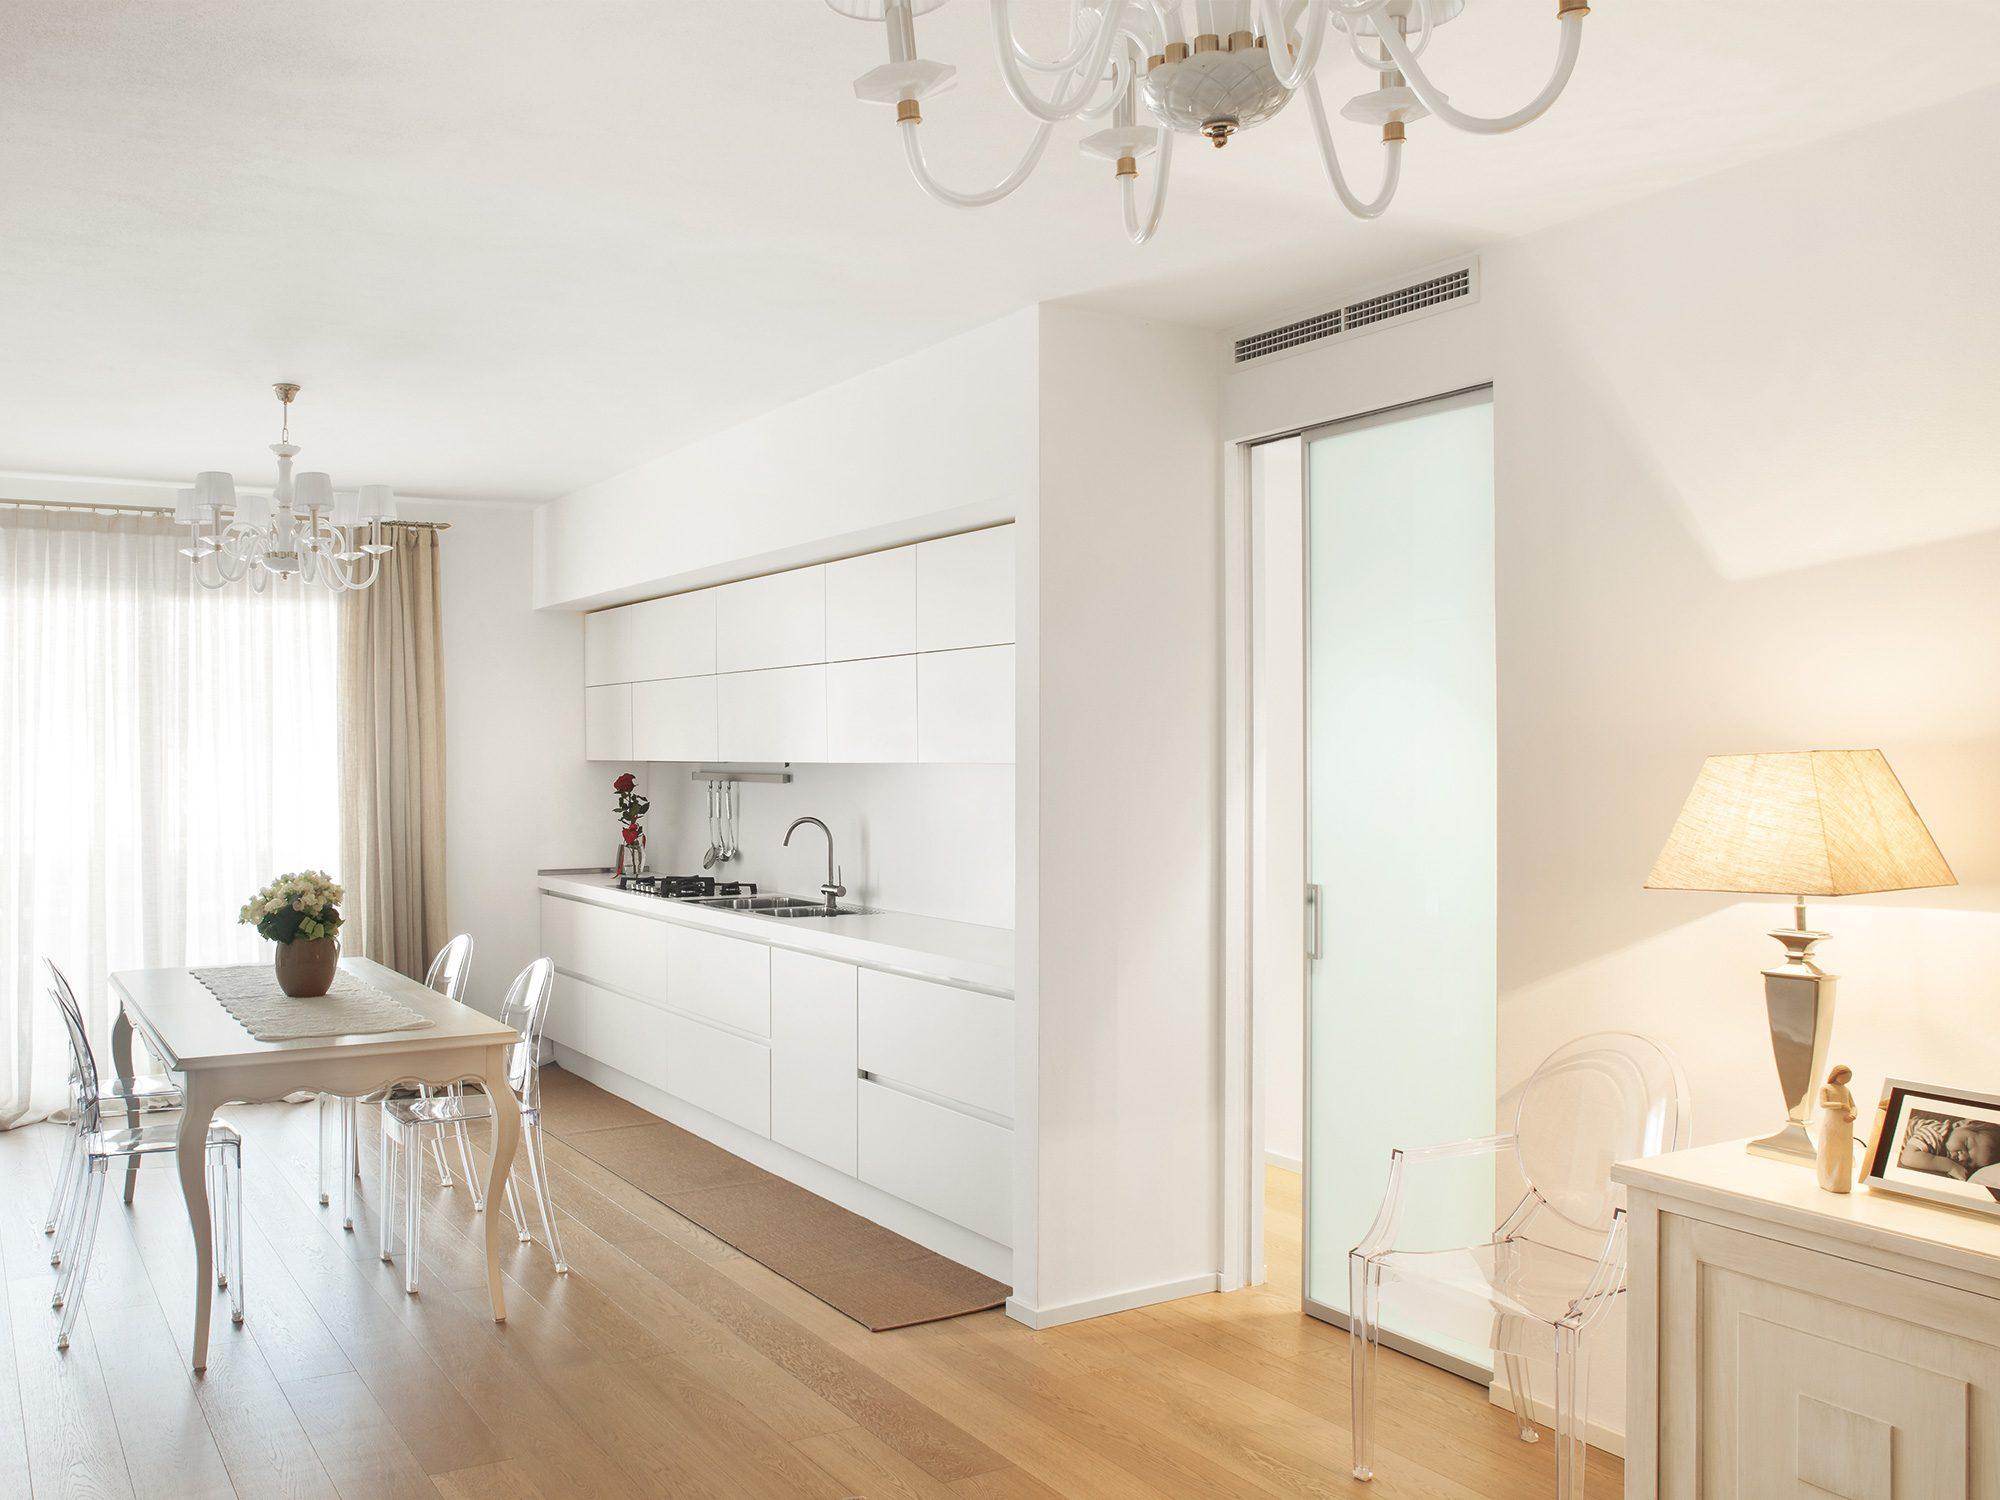 ch ssis syntesis line pour porte coulissante sans habillage le blog porte tout savoir sur. Black Bedroom Furniture Sets. Home Design Ideas